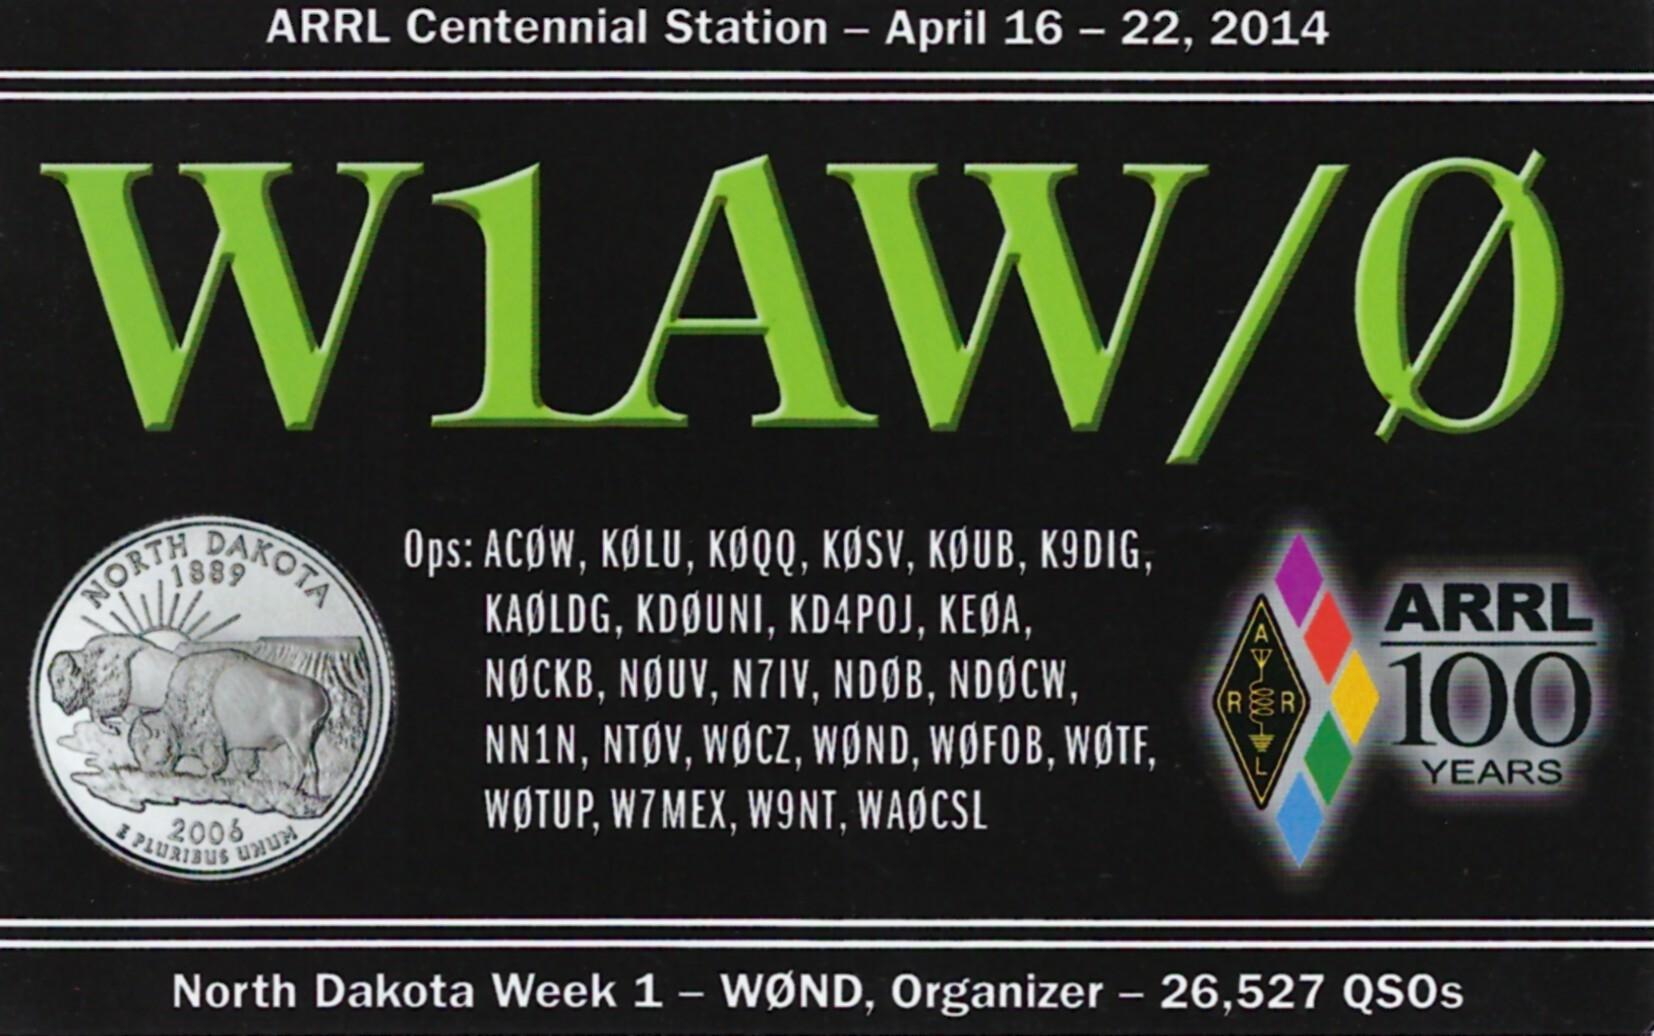 W1AW-0 ND